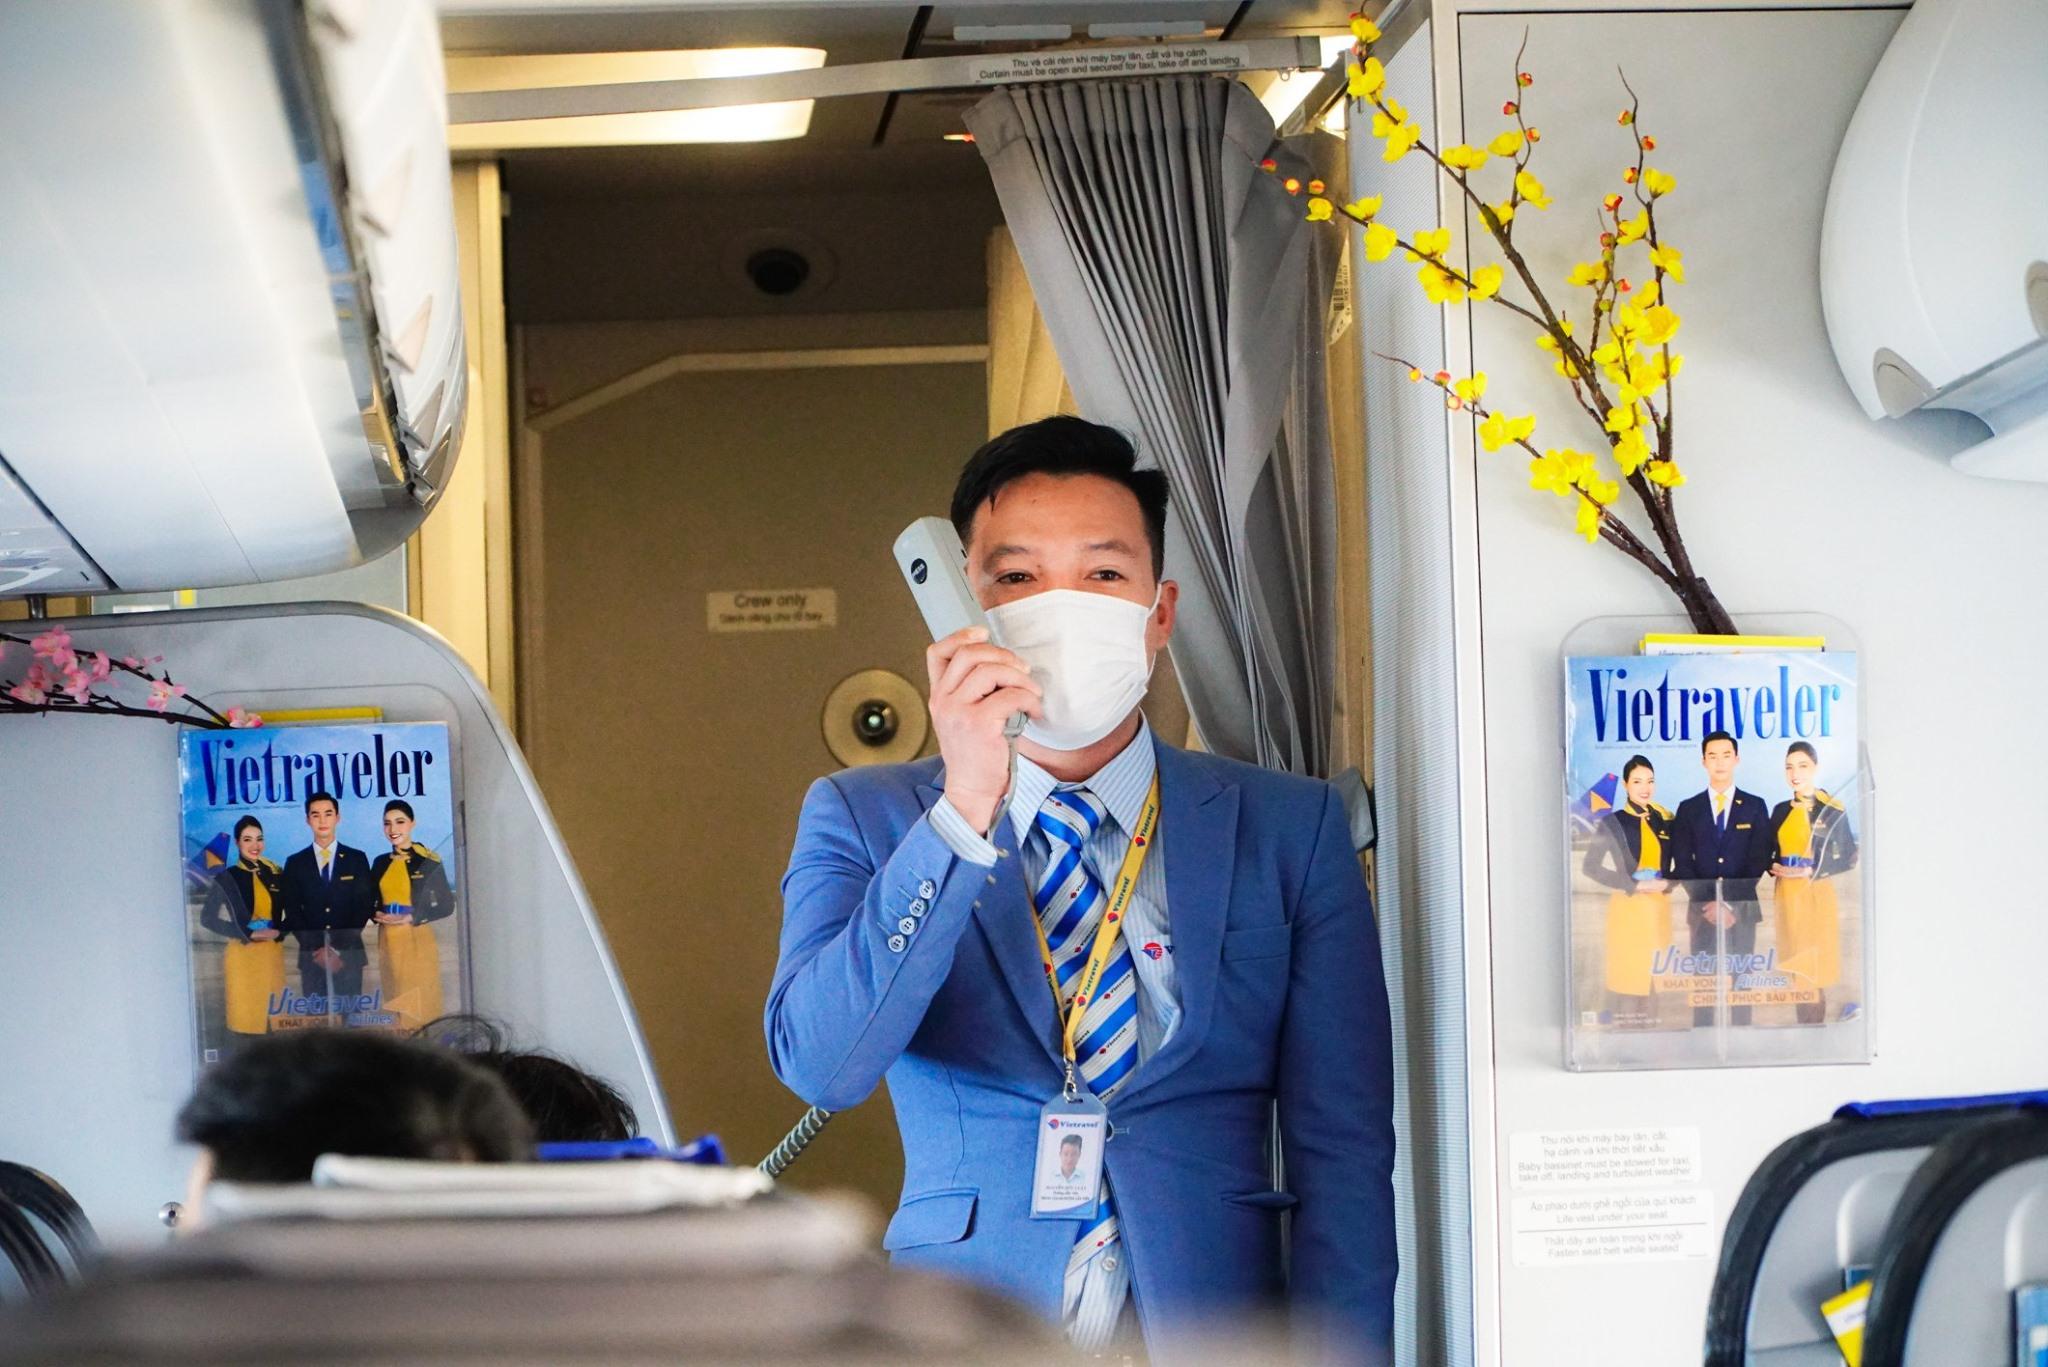 Vietravel lỗ 90 tỷ đồng trong năm ra mắt hãng hàng không - Ảnh 3.